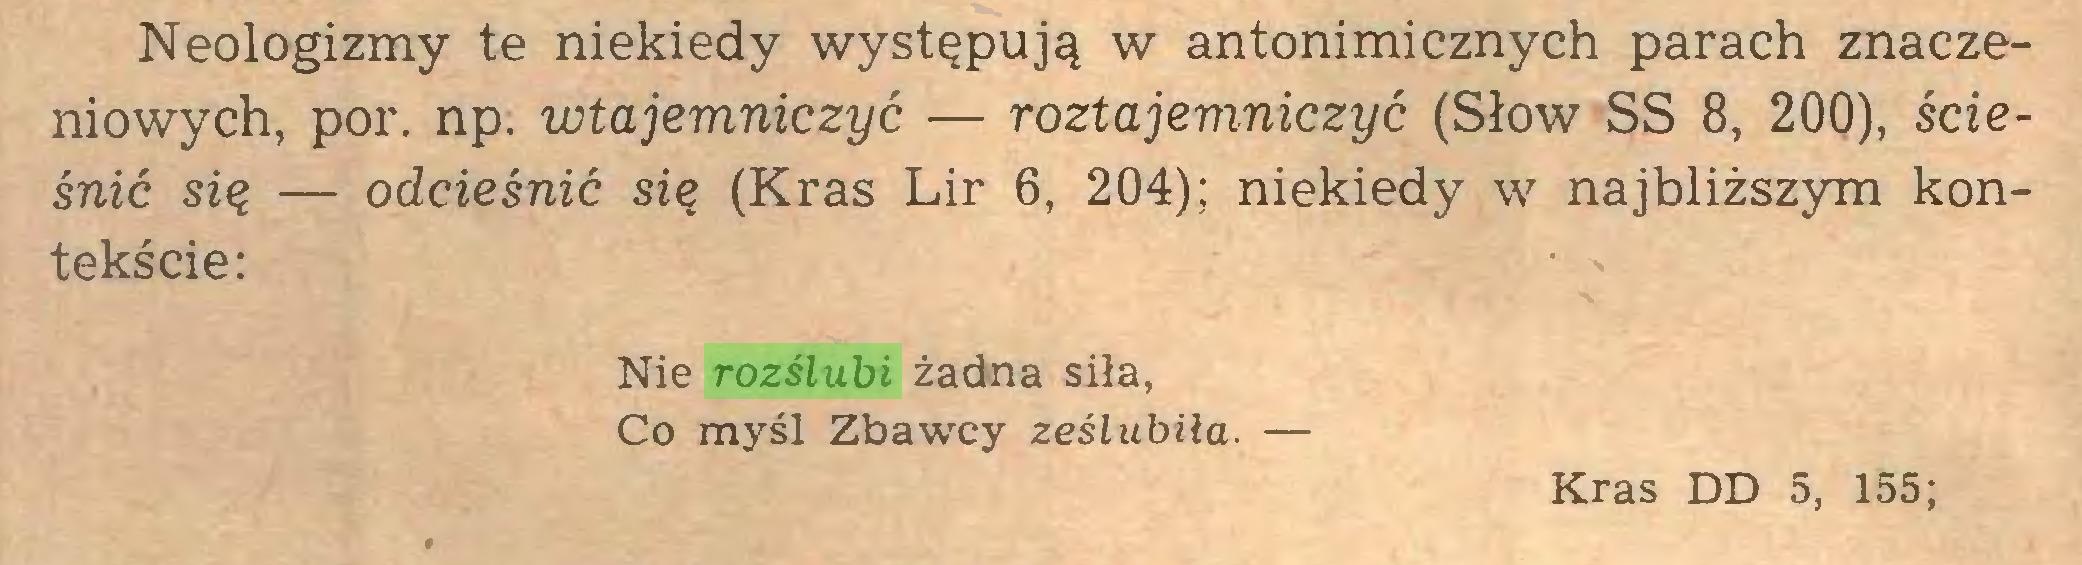 (...) Neologizmy te niekiedy występują w antonimicznych parach znaczeniowych, por. np. wtajemniczyć — roztajemniczyć (Słów SS 8, 200), ścieśnić się — odcieśnić się (Kras Lir 6, 204); niekiedy w najbliższym kontekście: Nie rozślubi żadna siła, Co myśl Zbawcy ześlubiła. — Kras DD 5, 155;...